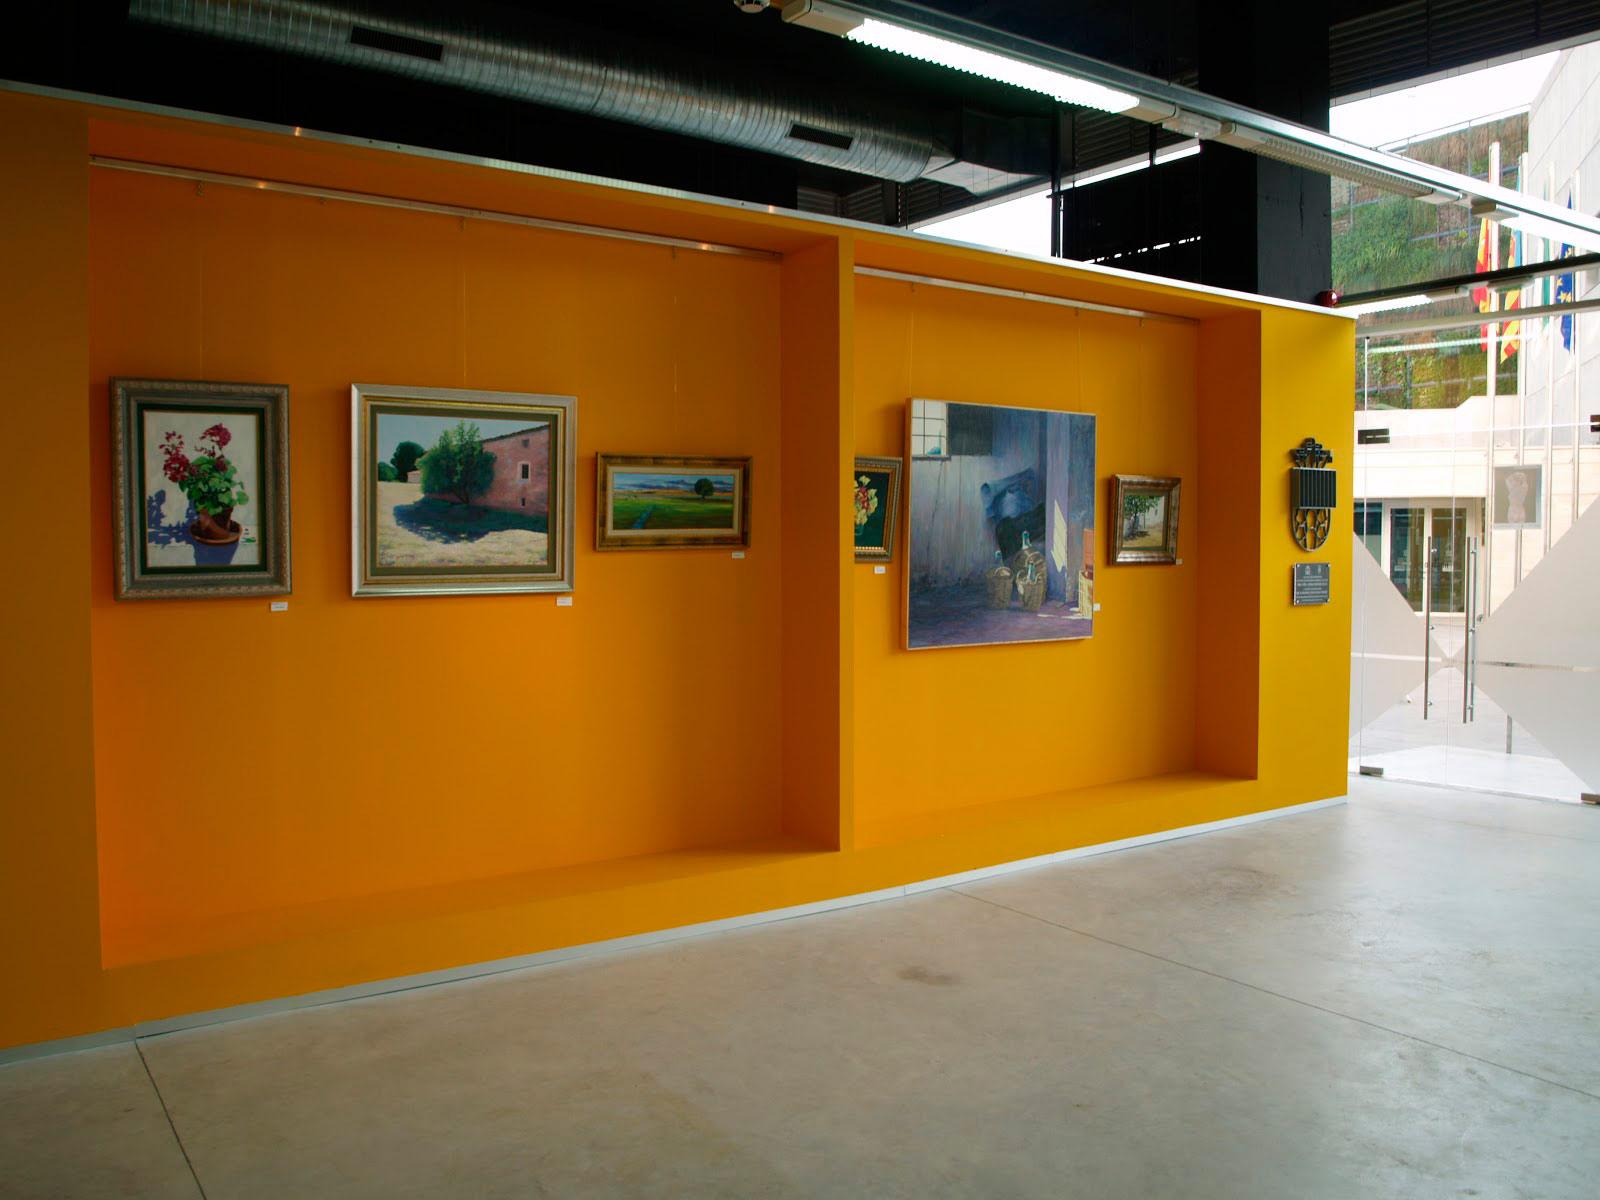 Exposición-Sala-Los-Bajos,-Ayuntamiento-de-San-Vicente-del-Raspeig,2012,cuadros-a-pintura